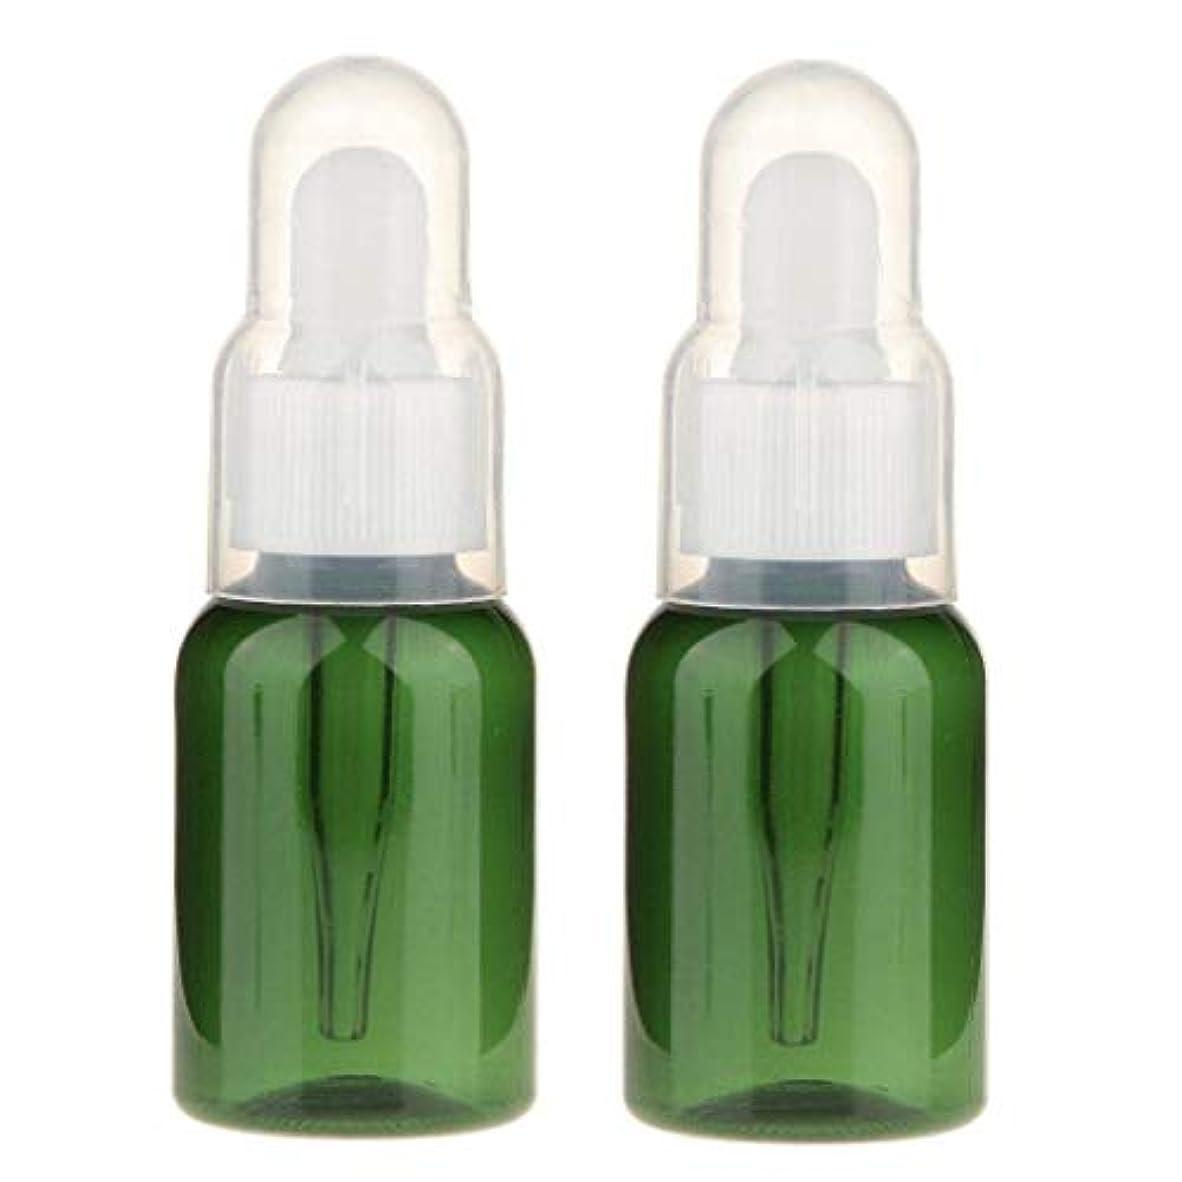 リークエゴイズム伝染病2ピース35ミリリットル空のスポイトボトル付きスポイトピペットフィット用diyブレンド用品ツールアクセサリーサンプルボトル旅行